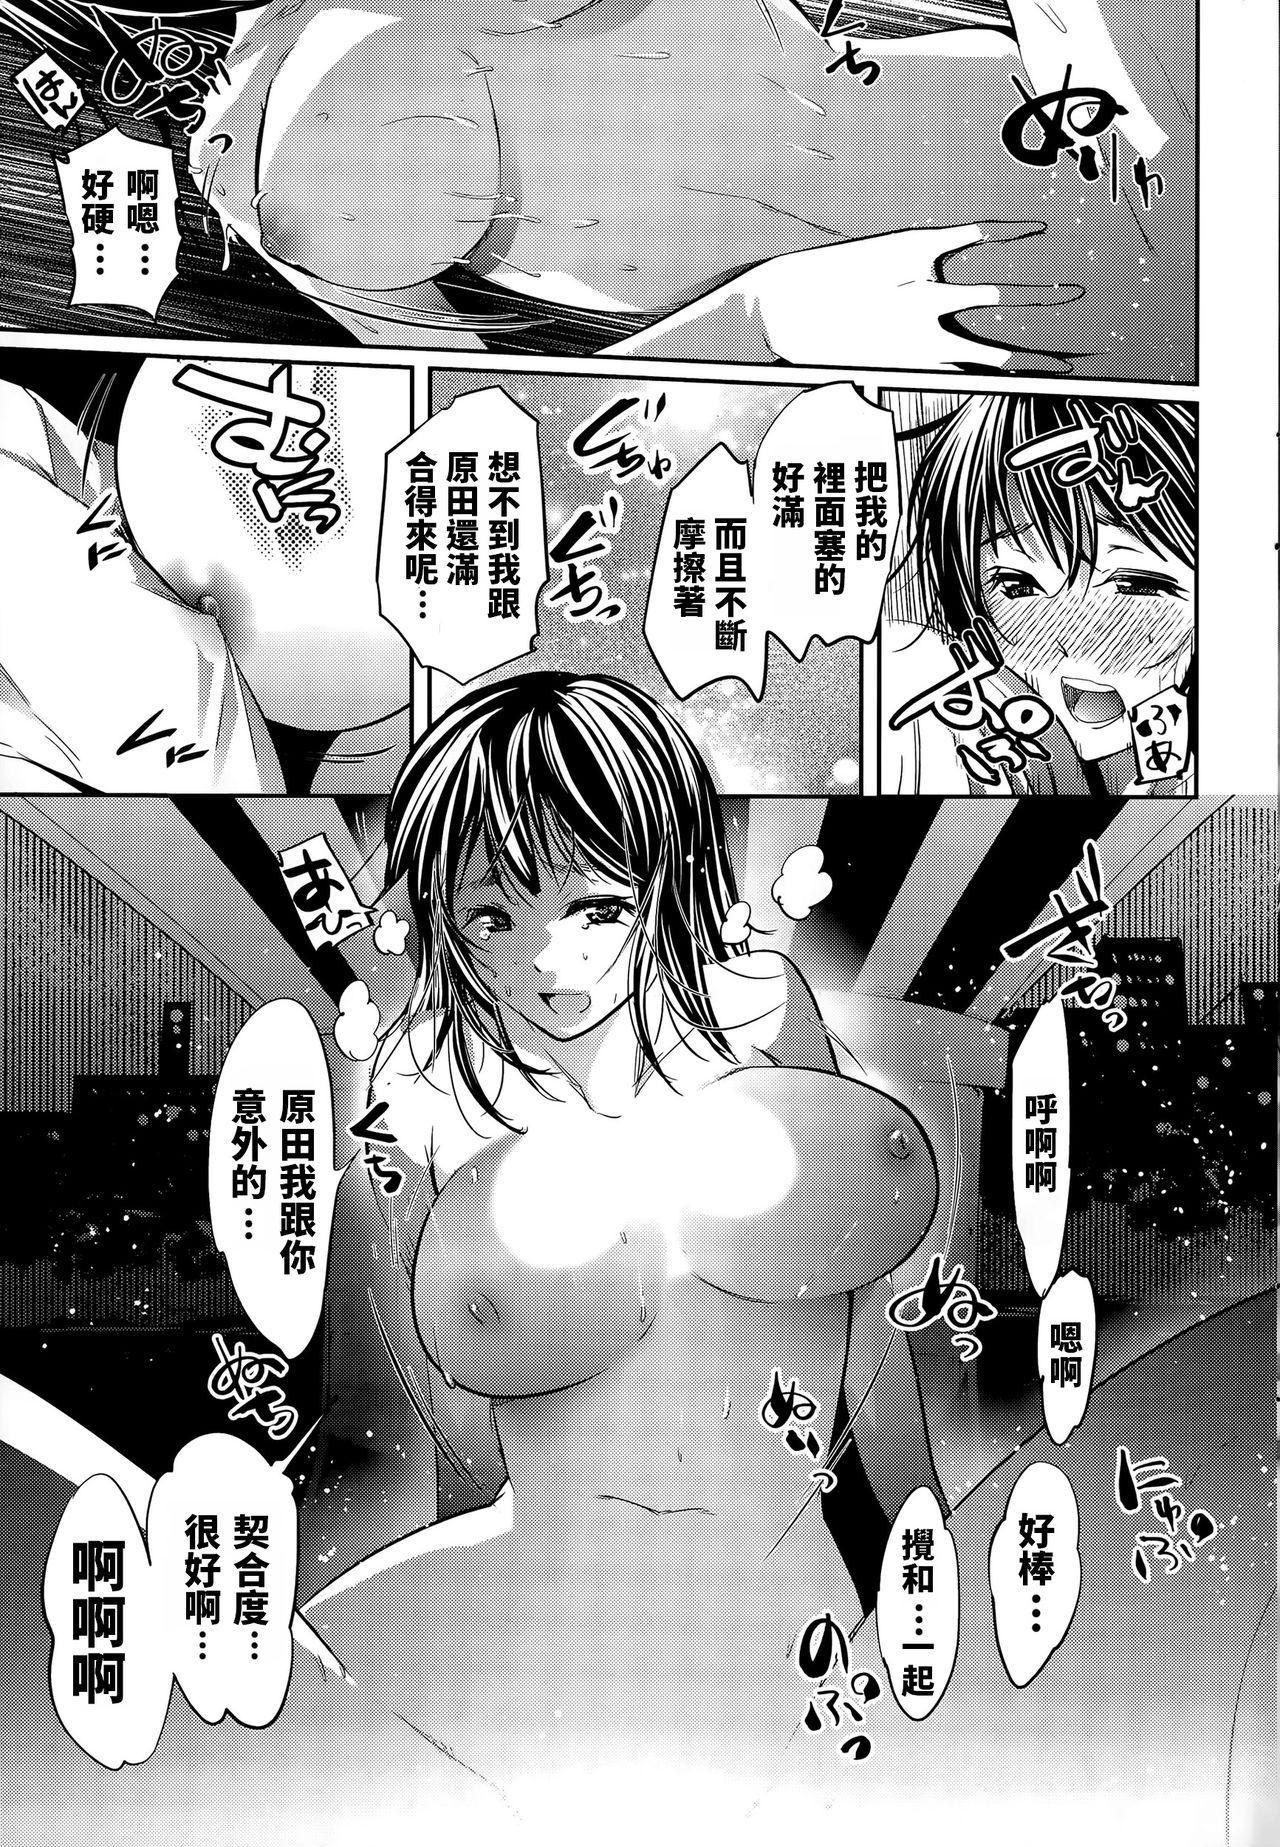 Himitsu Kichi no Himitsu 16